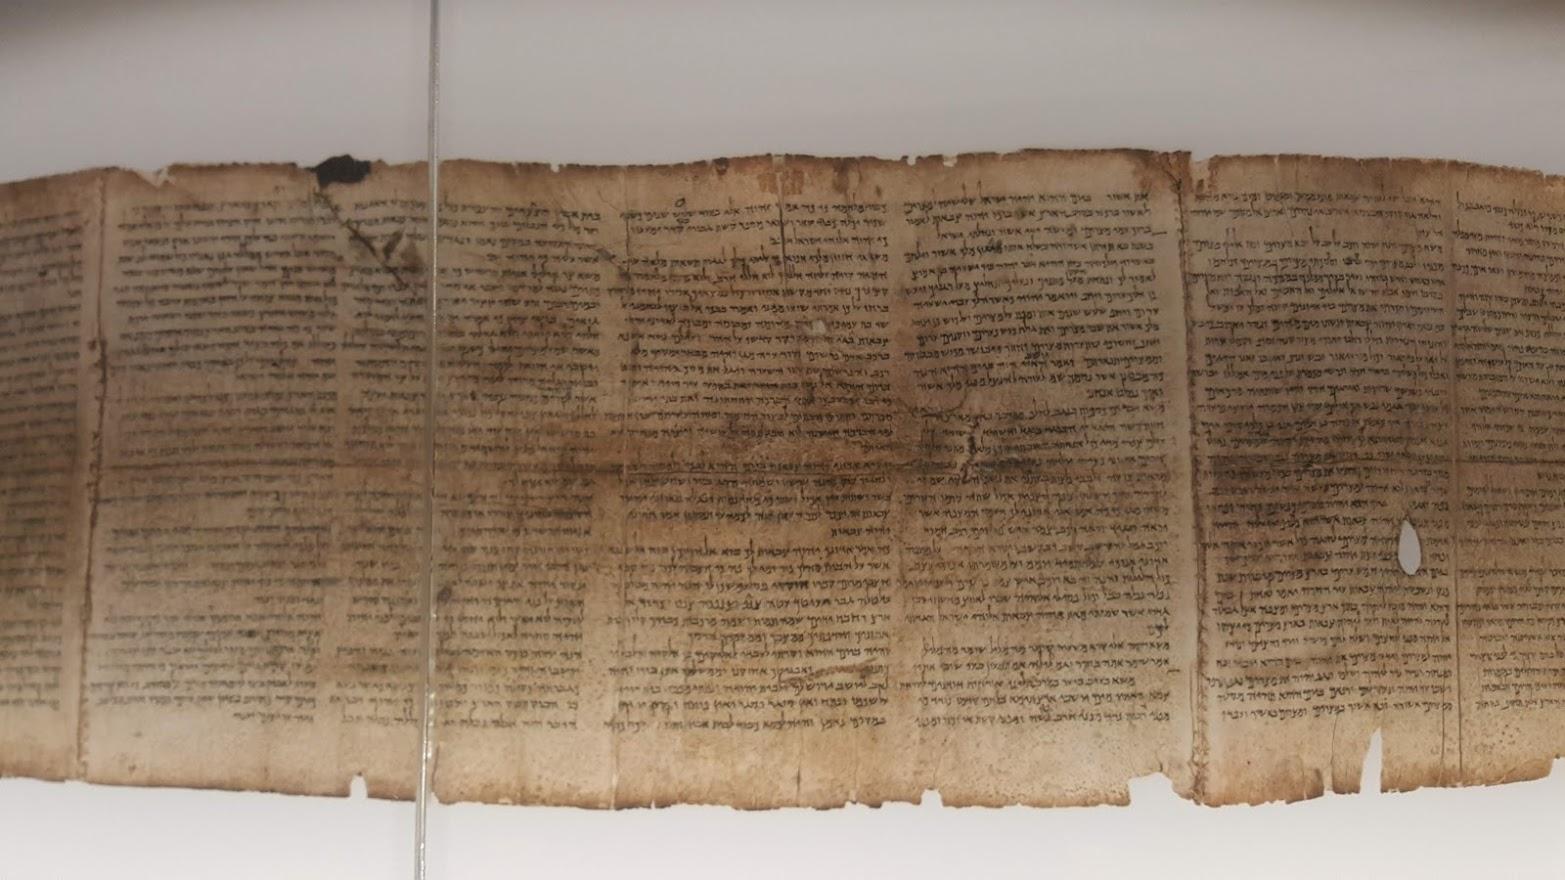 קטע מהמגילה אשר מוצגת במוזיאון ישראל.